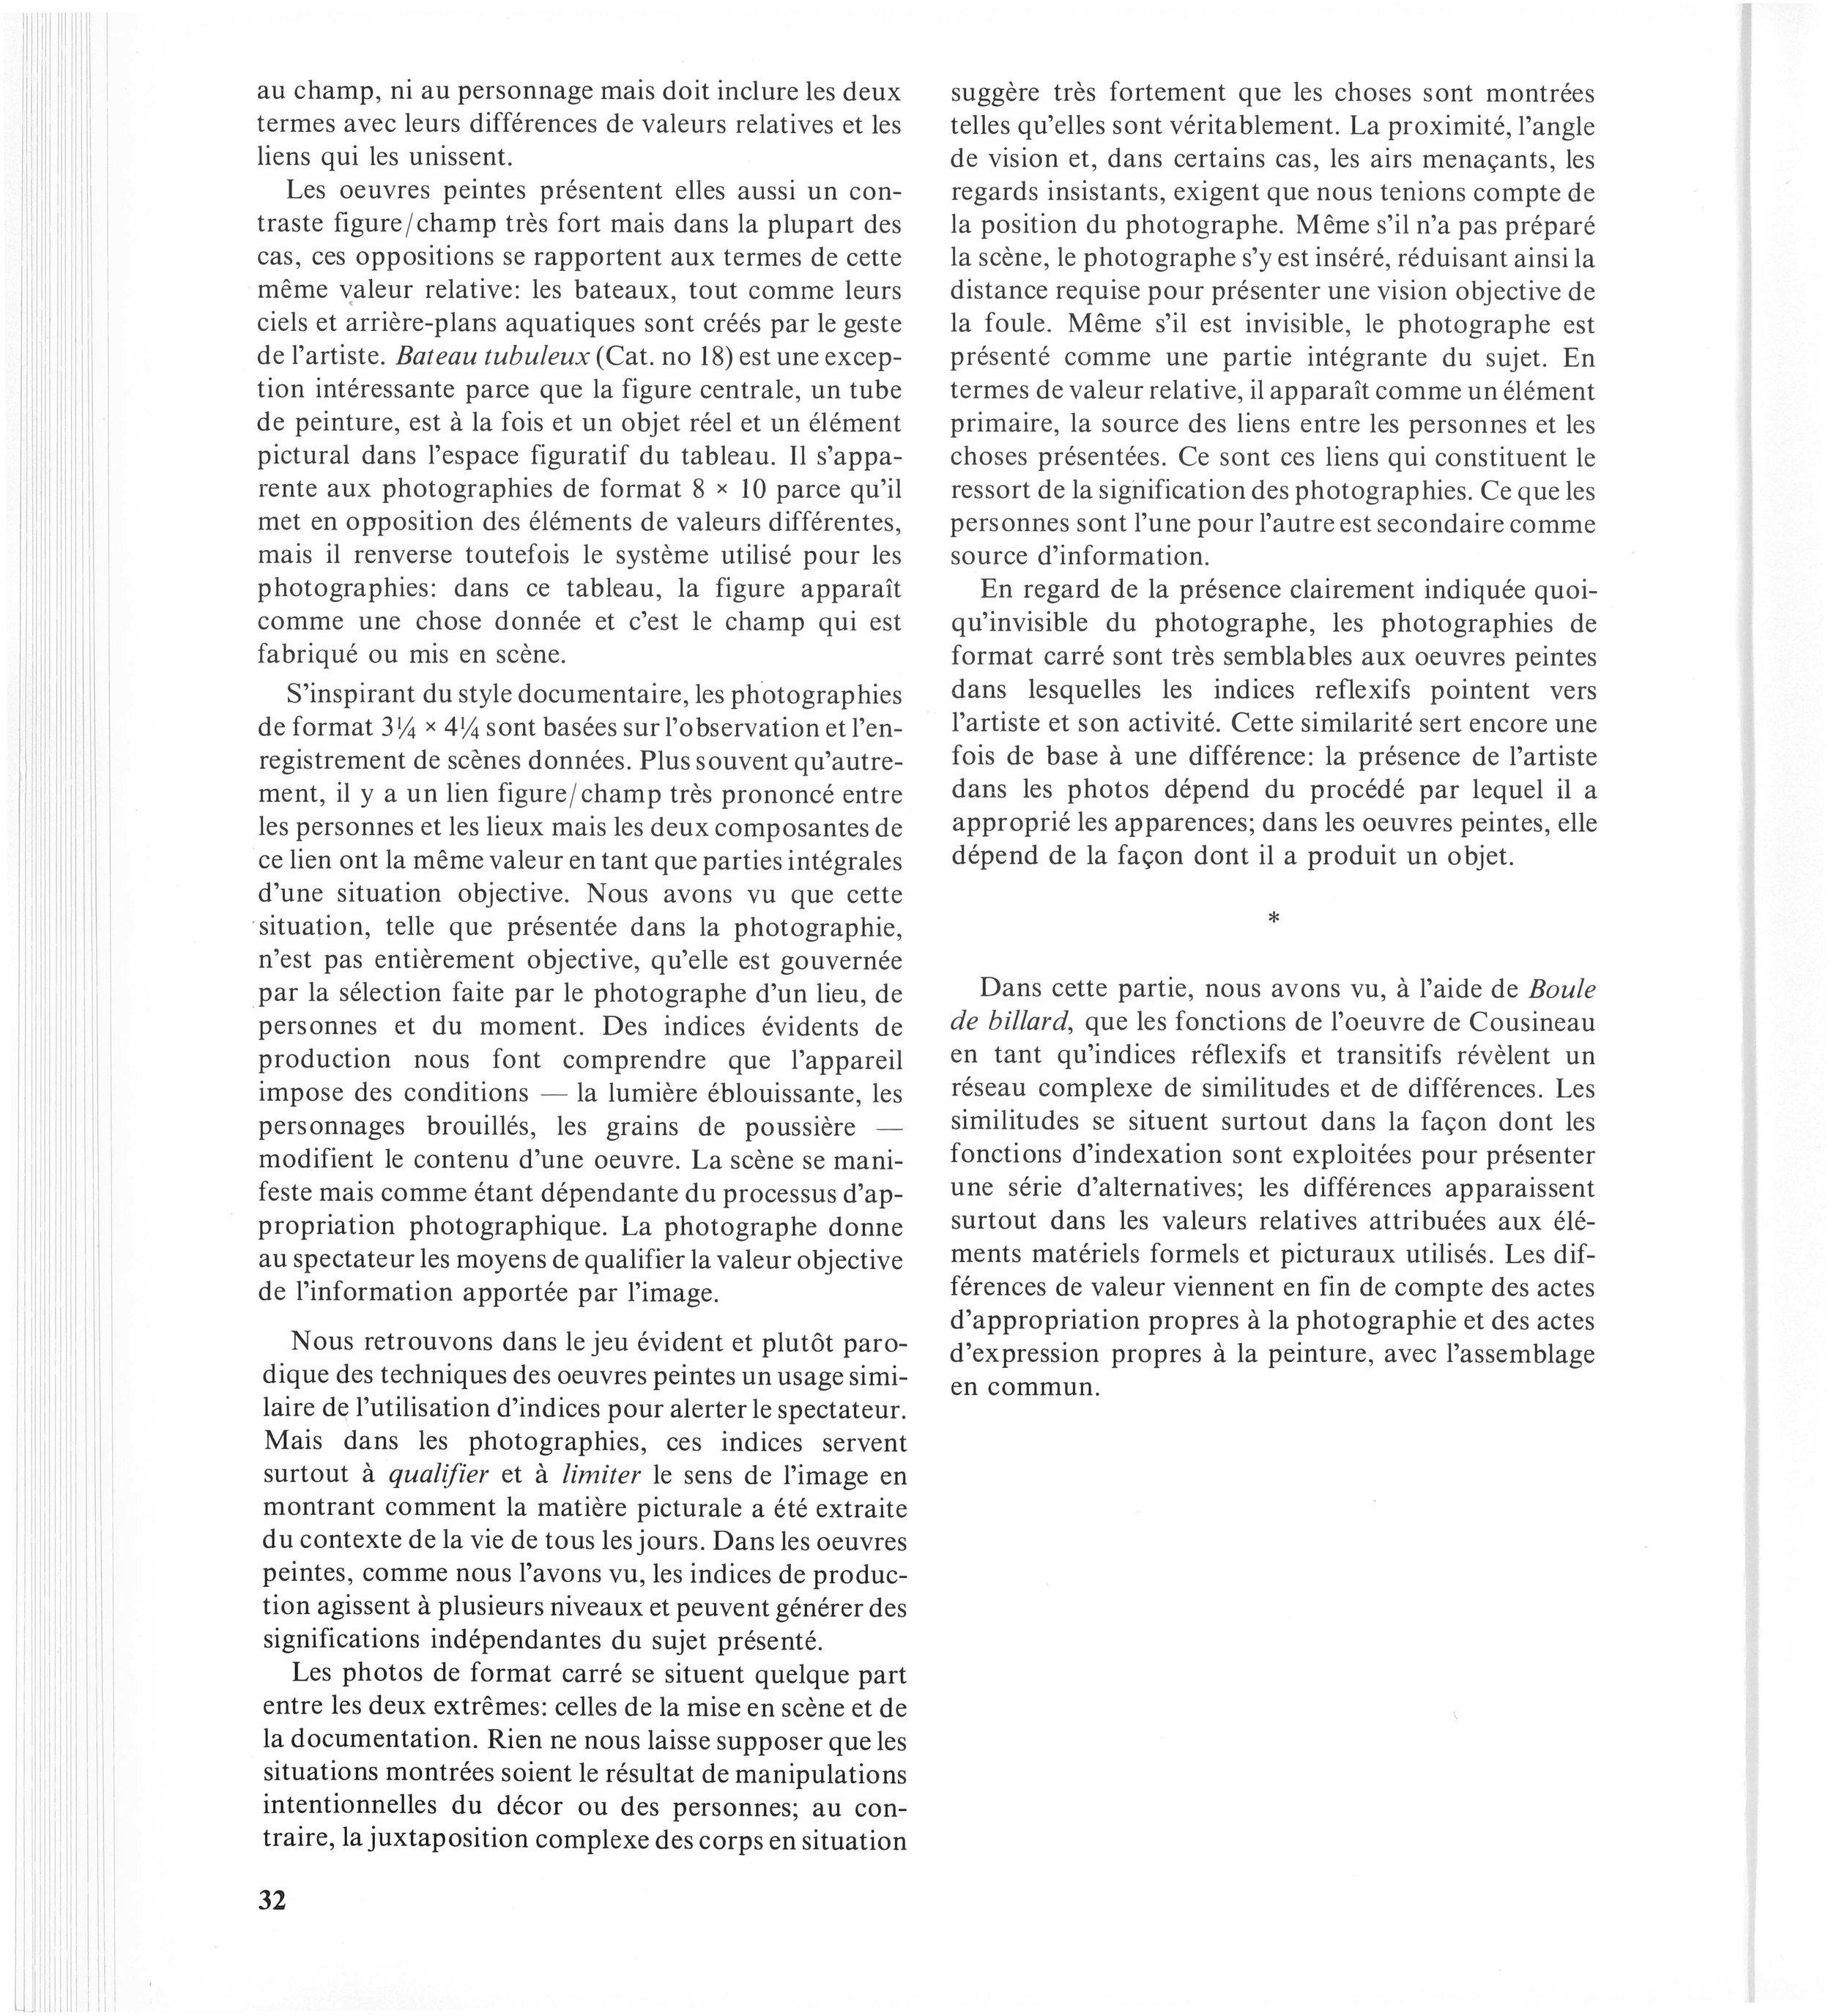 DOC032.jpg